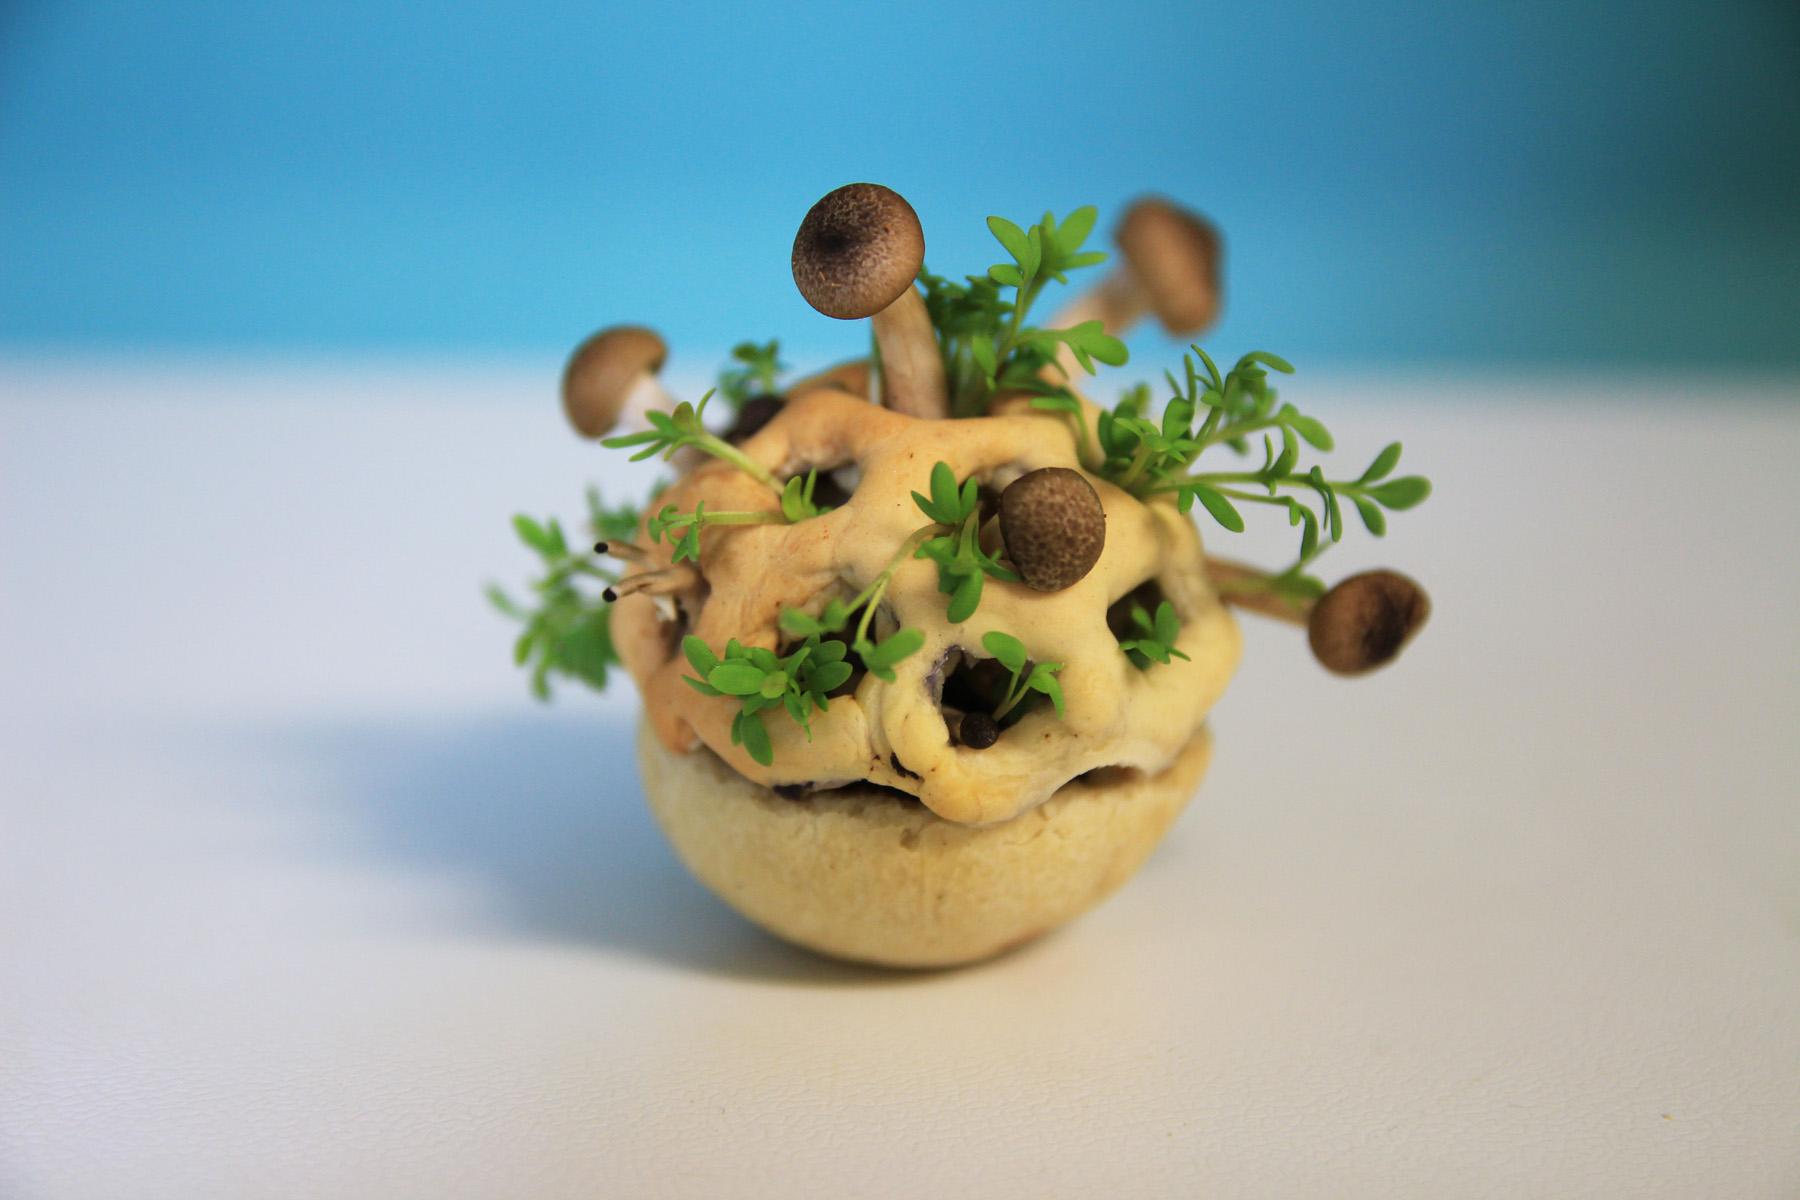 Edible prototype